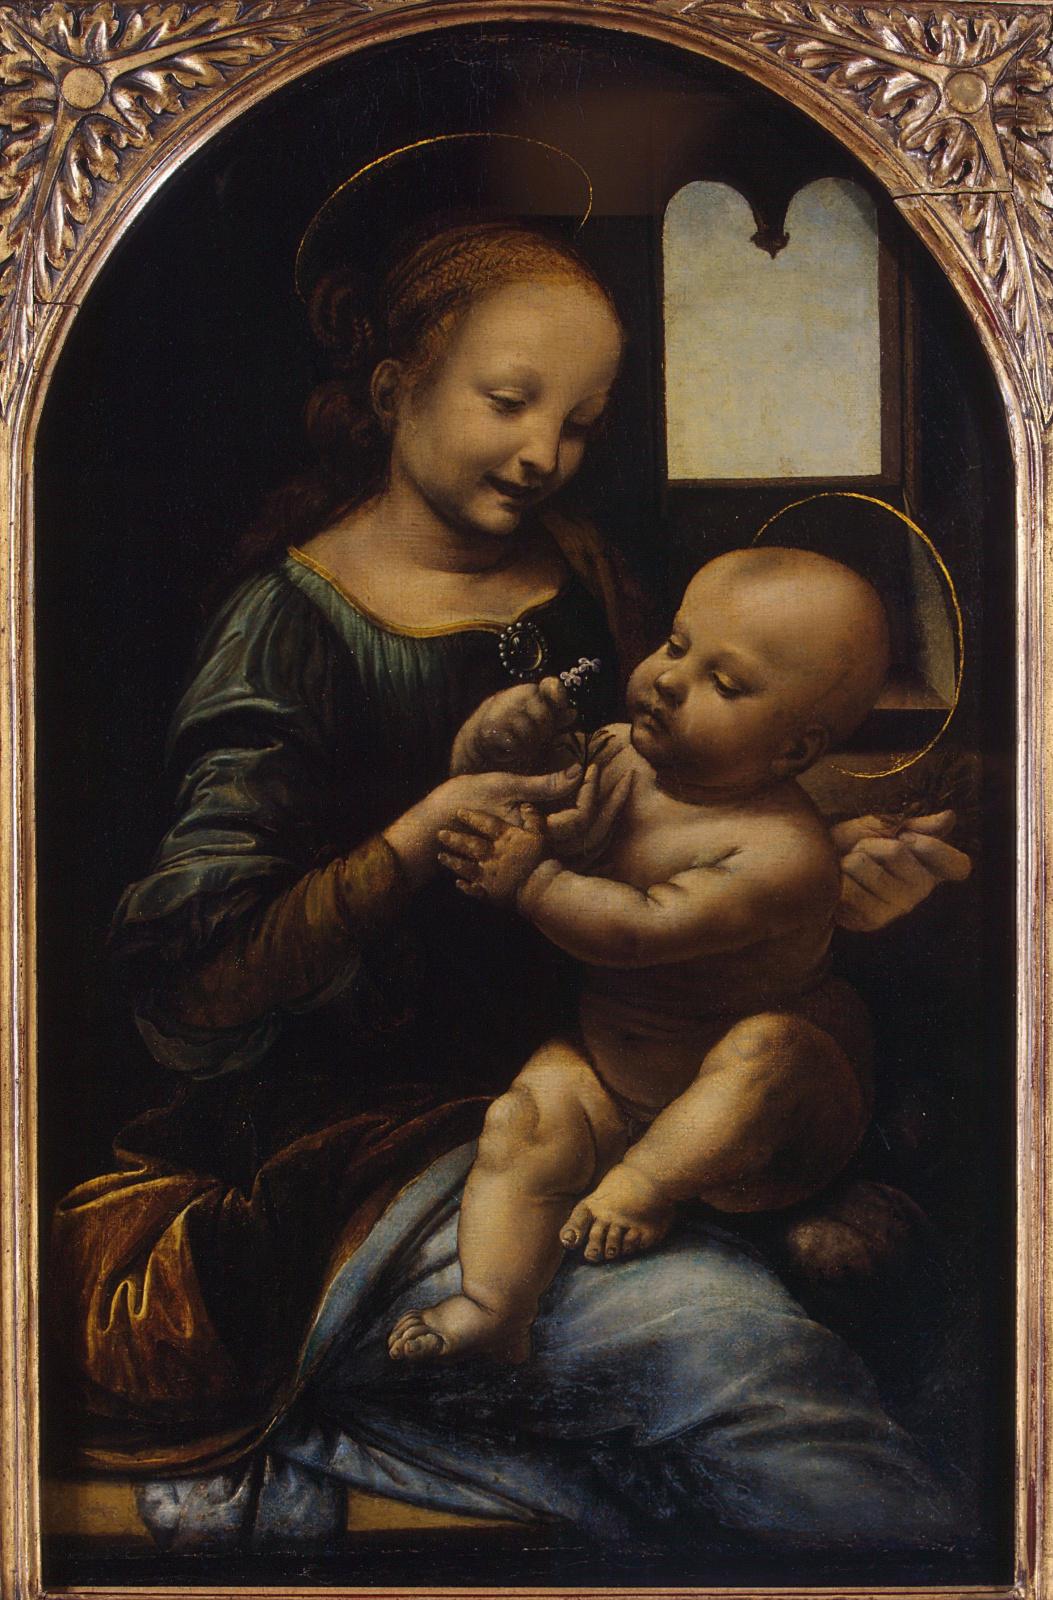 Леонардо да Винчи. Мадонна Бенуа